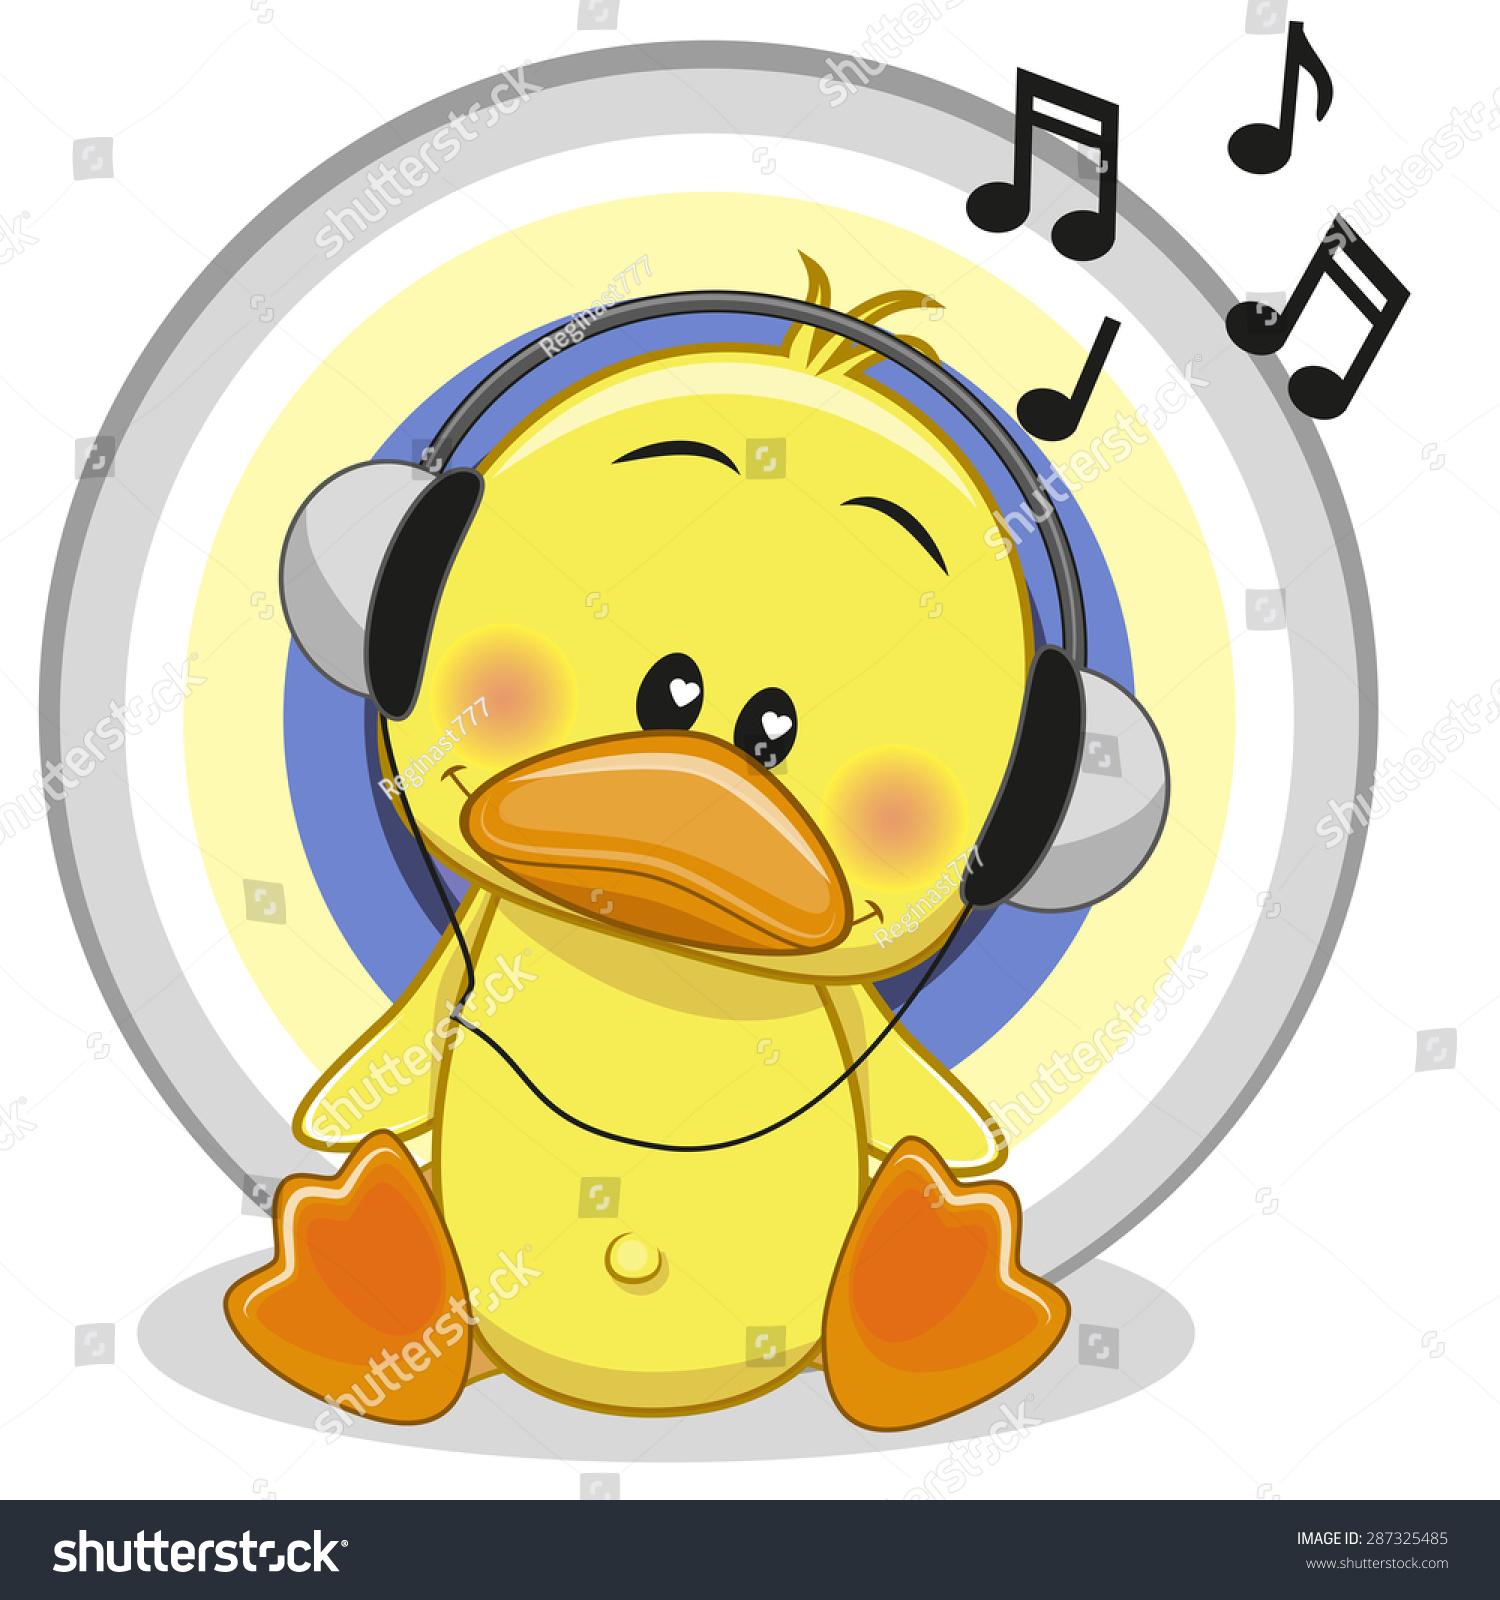 可爱的卡通鸭与耳机-动物/野生生物-海洛创意